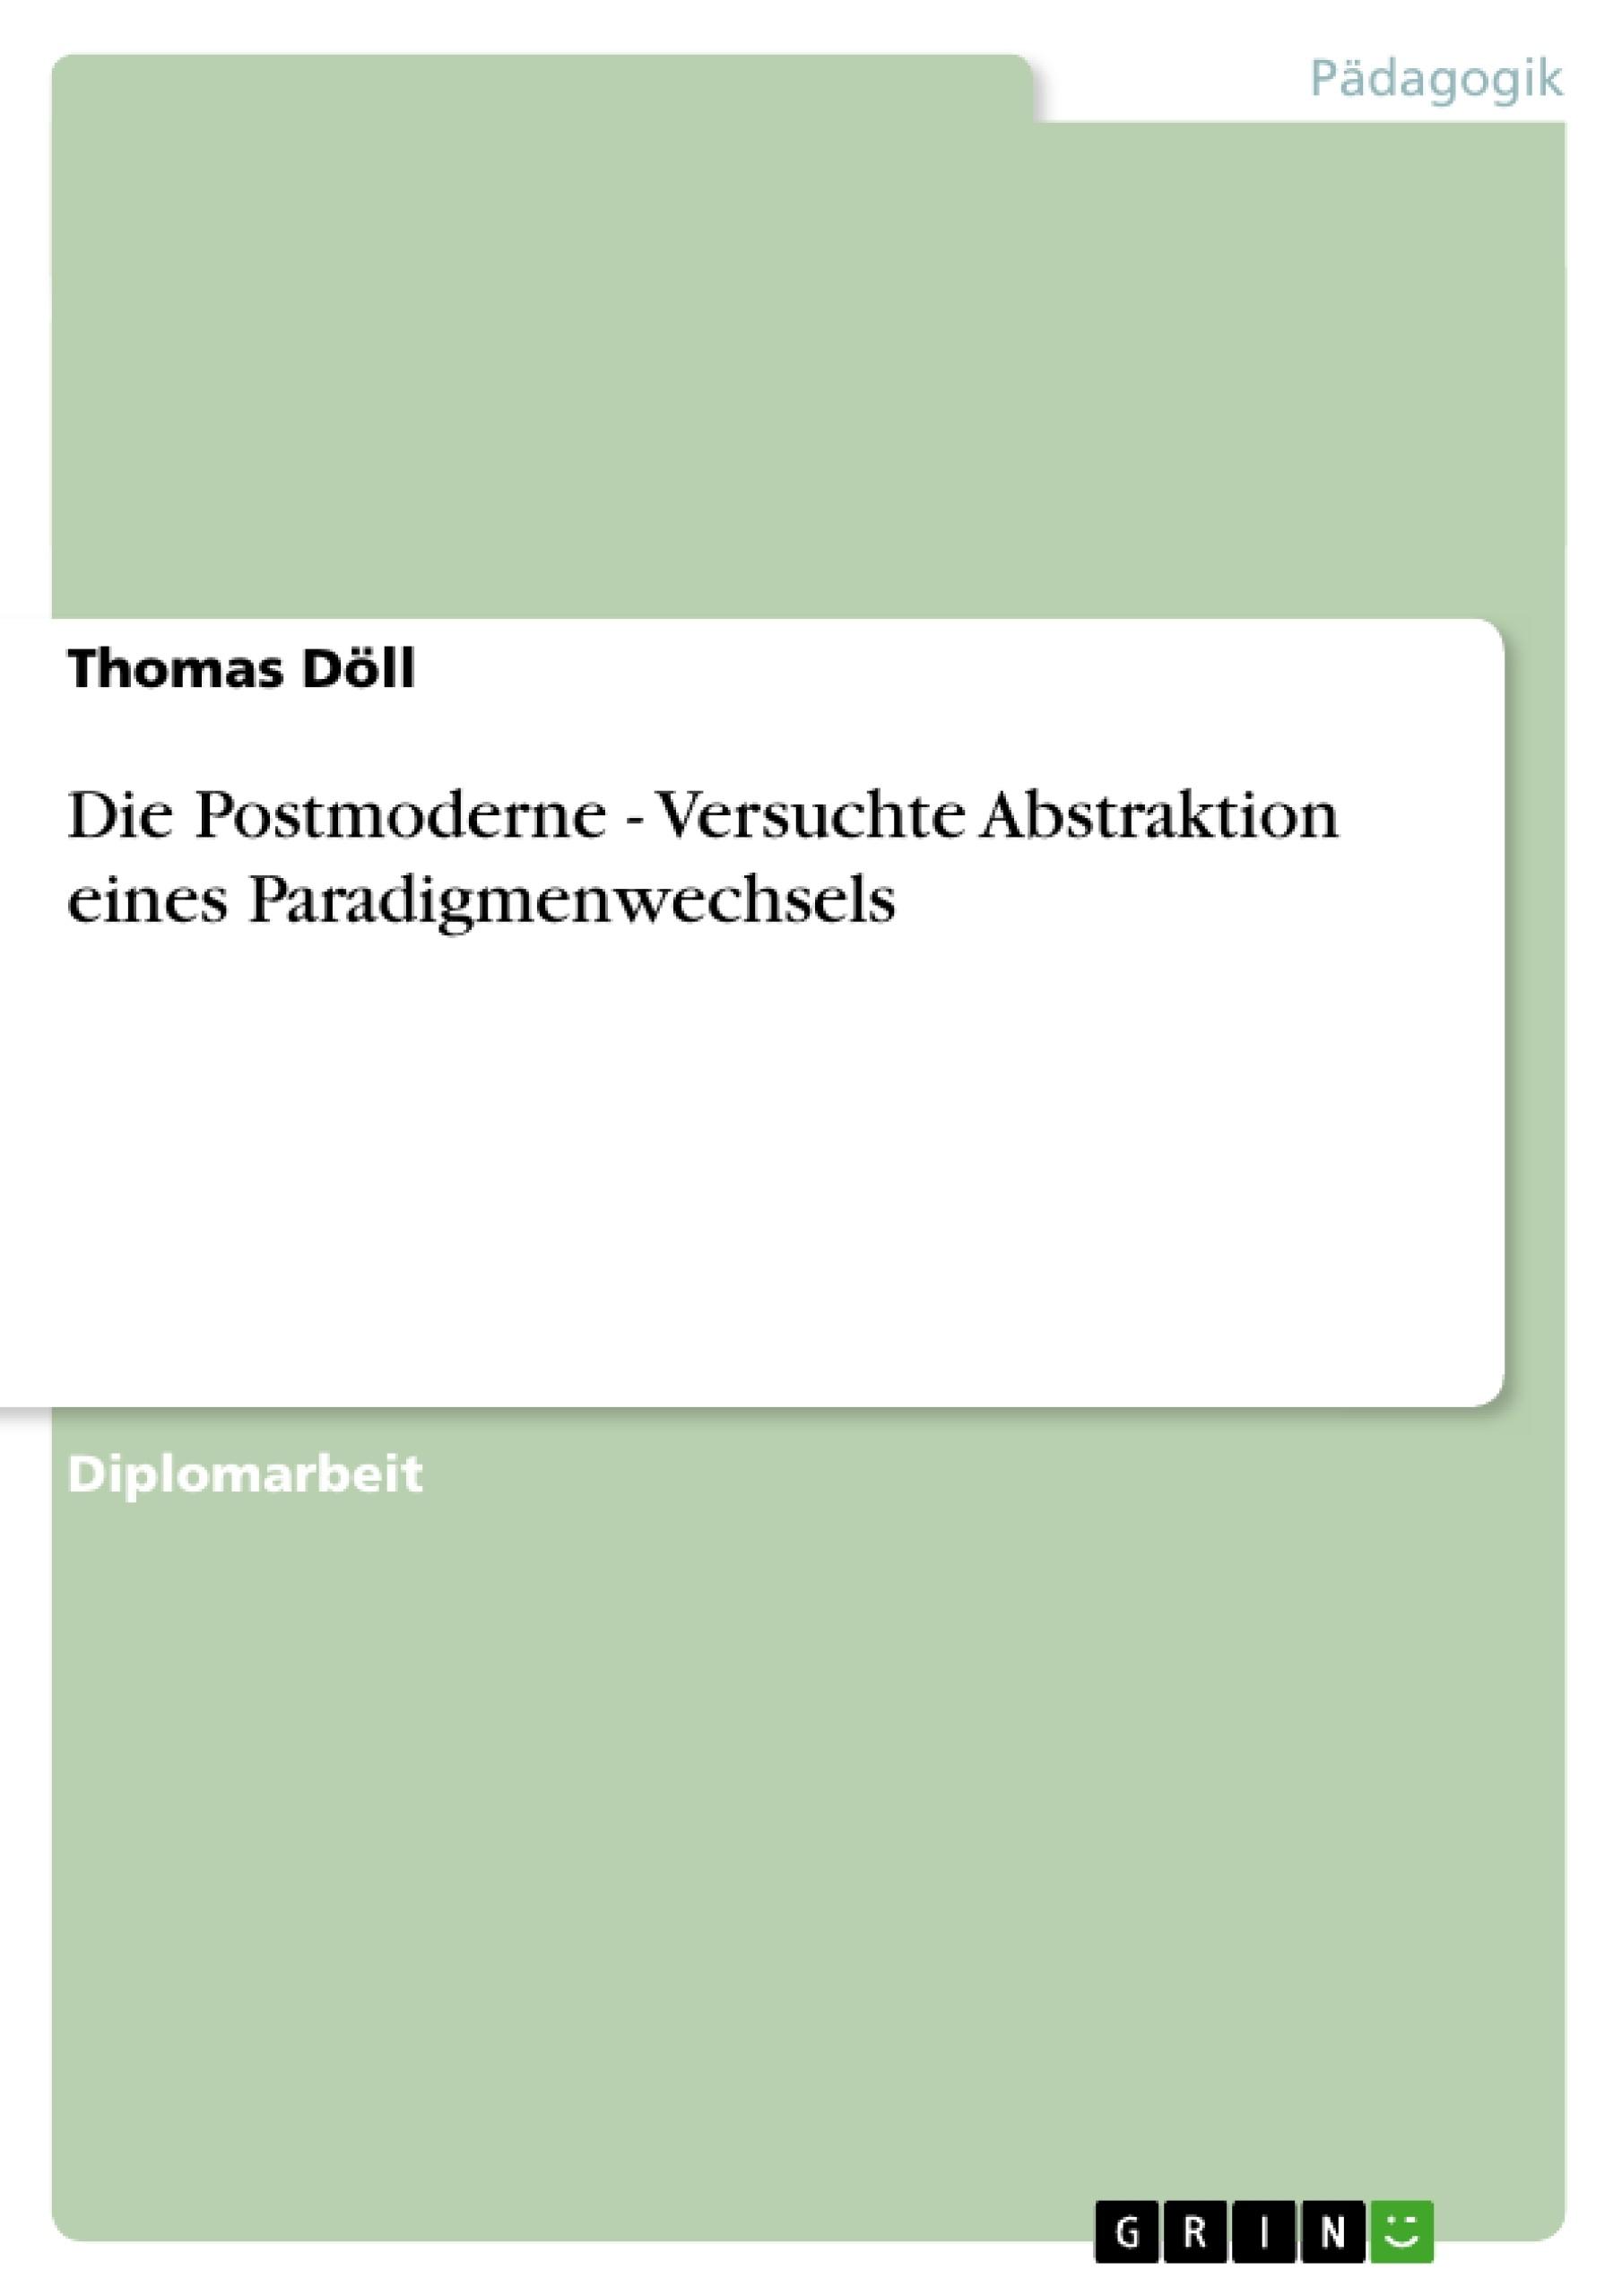 Titel: Die Postmoderne - Versuchte Abstraktion eines Paradigmenwechsels